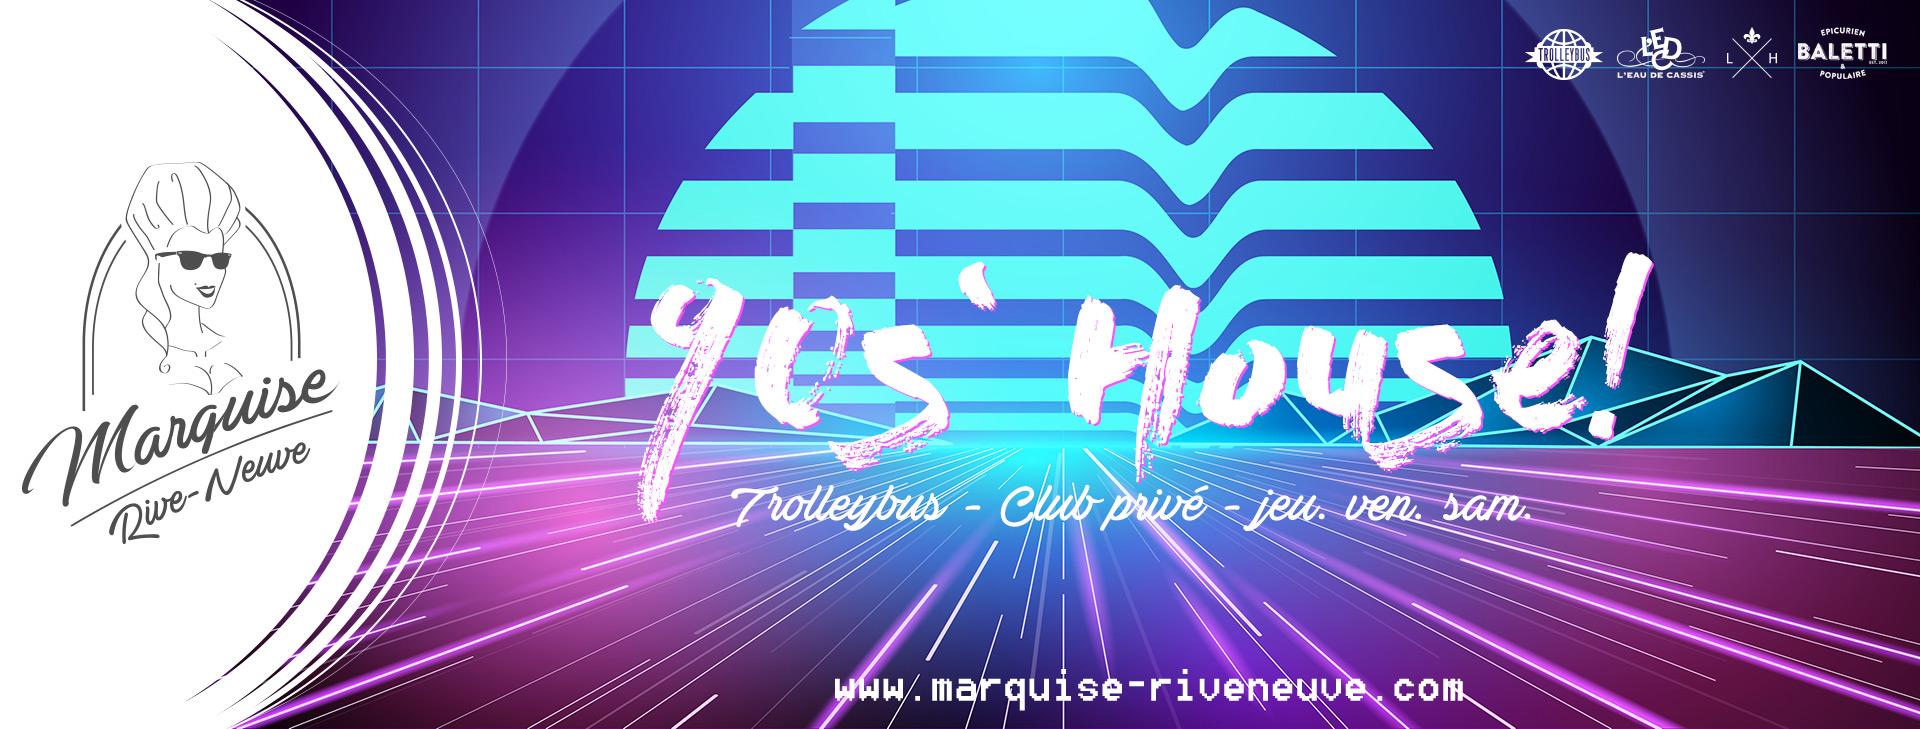 Marquise 03 web PROGRAMME du 28 au 30 Sept